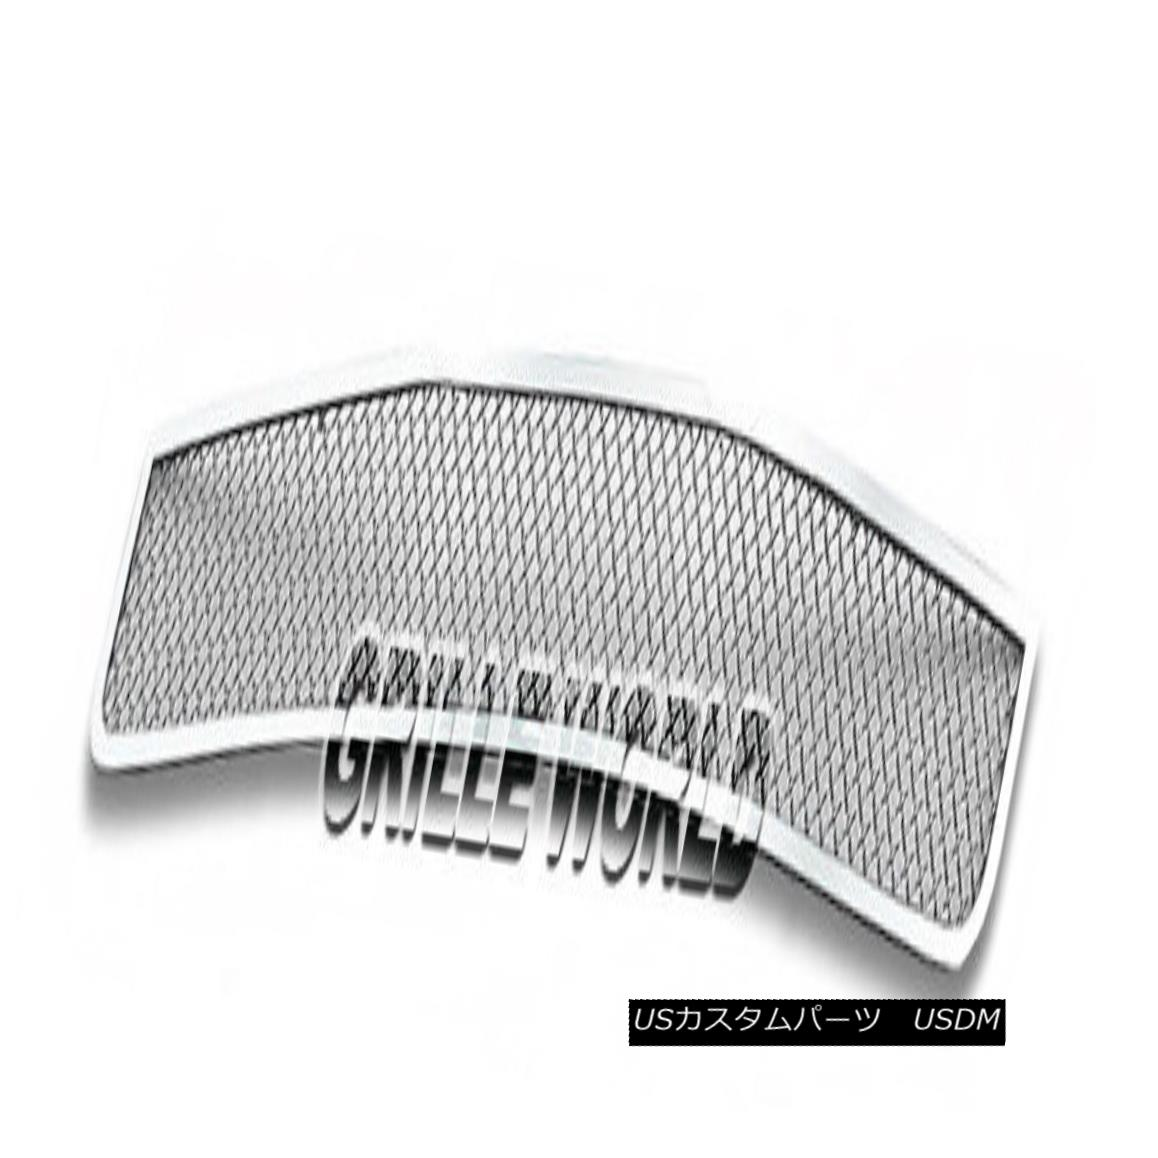 グリル For 08-10 Honda Accord Coupe Bumper Stainless Mesh Premium Grille 08-10ホンダアコードクーペバンパーステンレスメッシュプレミアムグリル